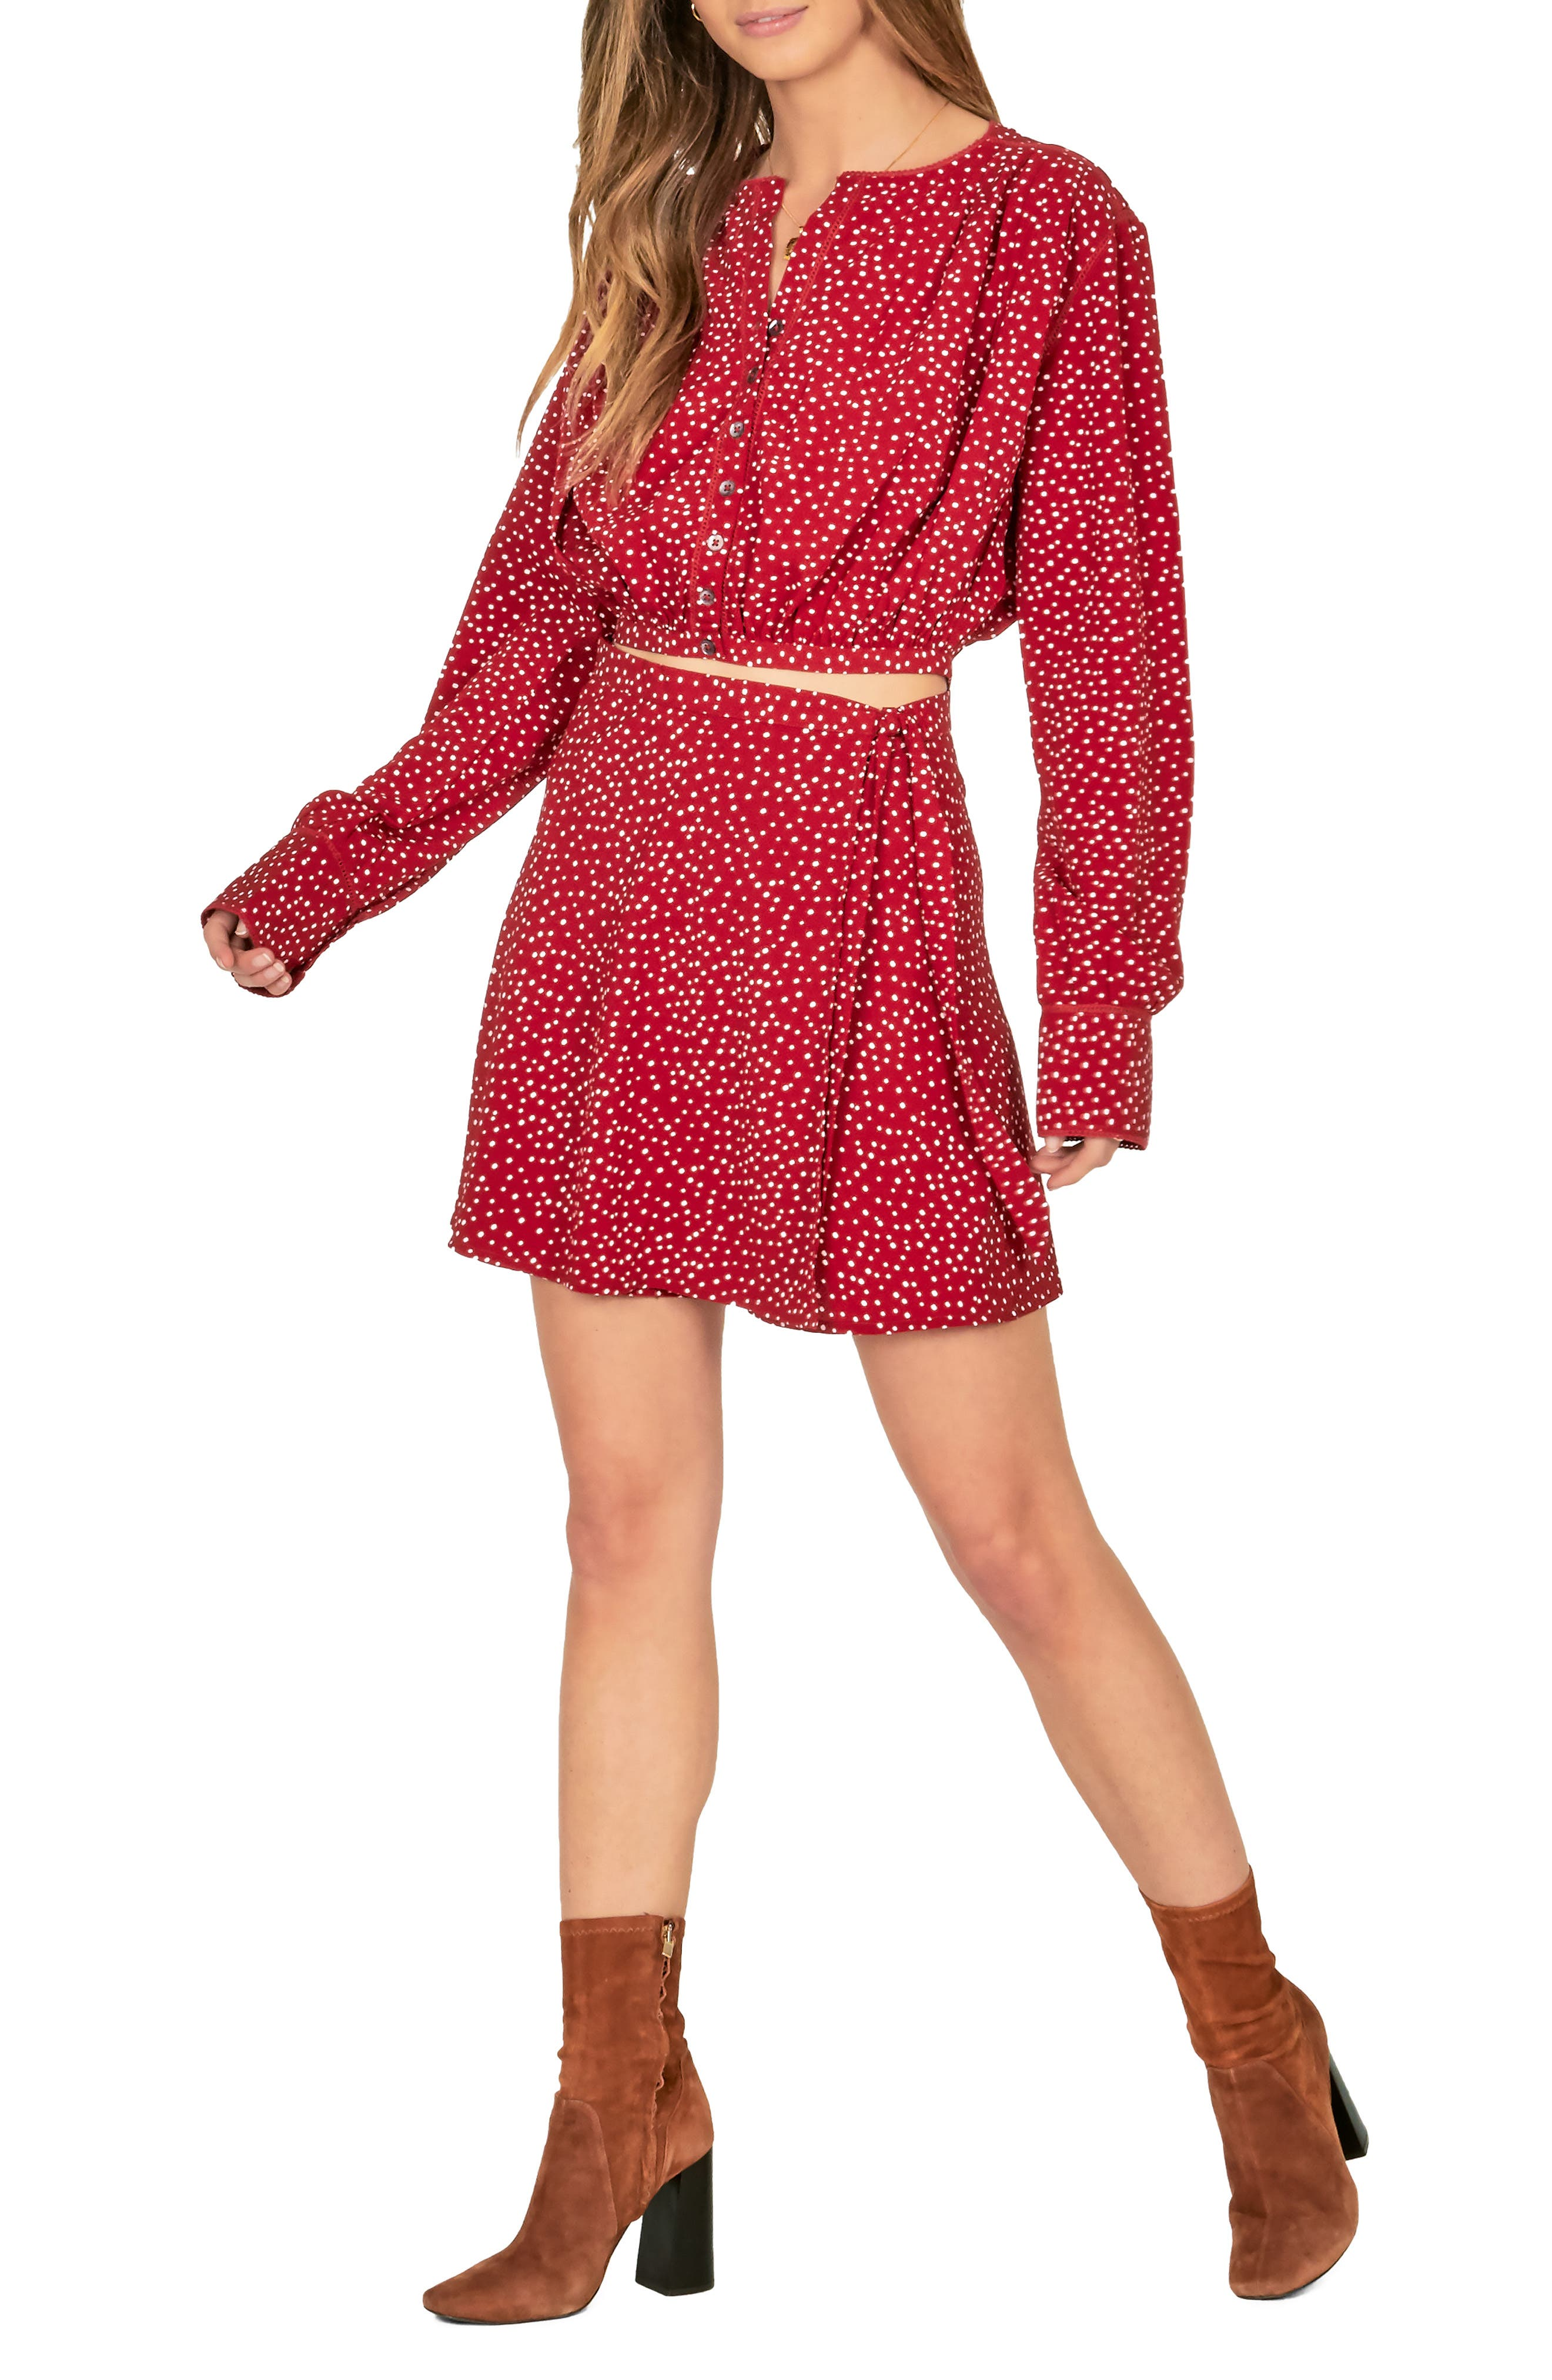 Amuse Society Hey Dottie Wrap Skirt, Burgundy